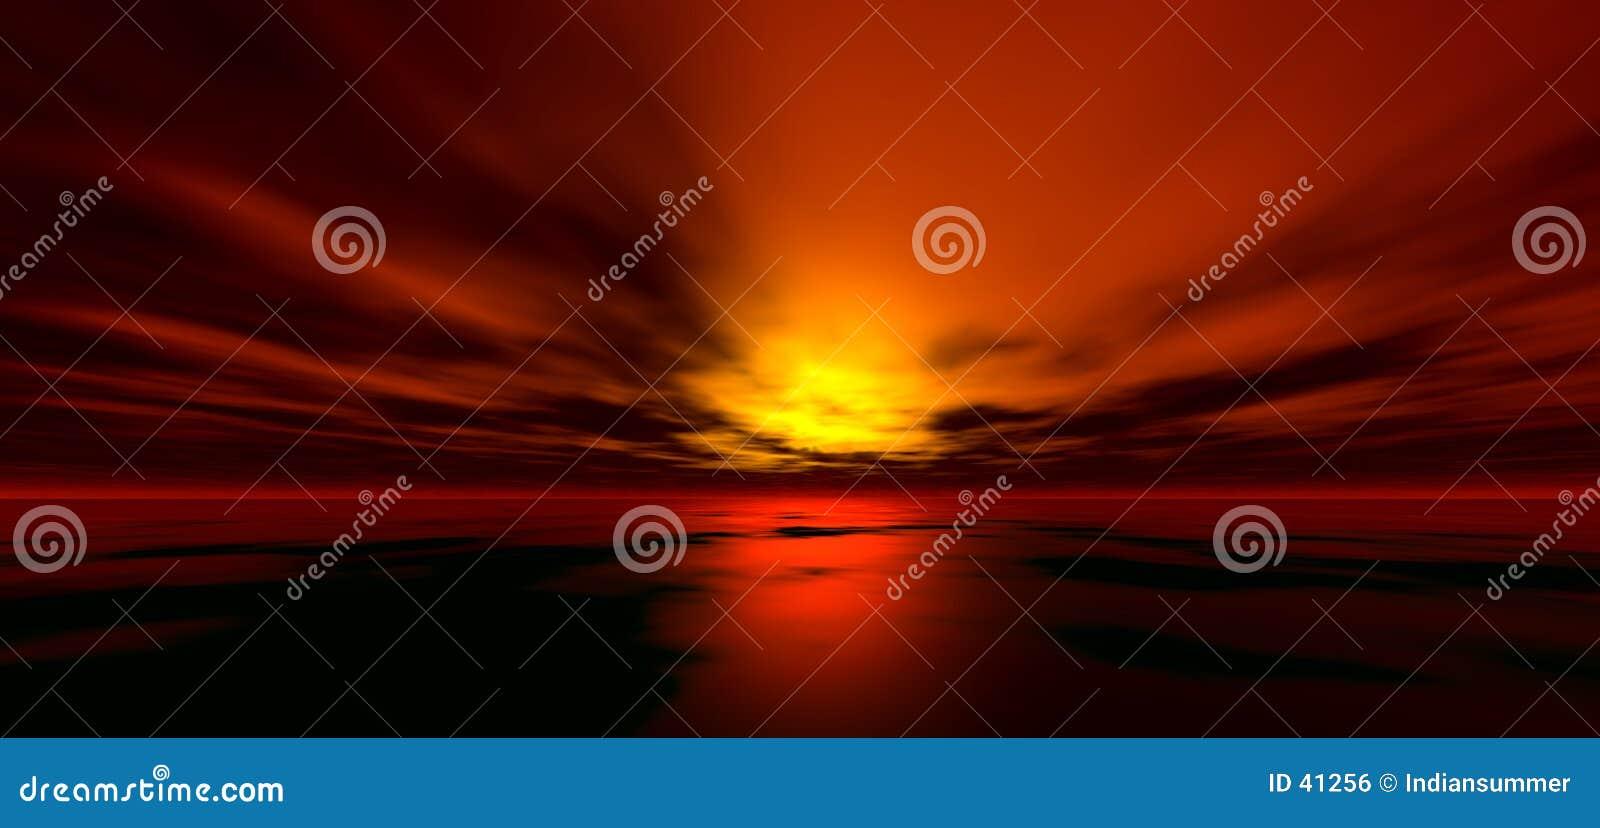 Sunset background 4